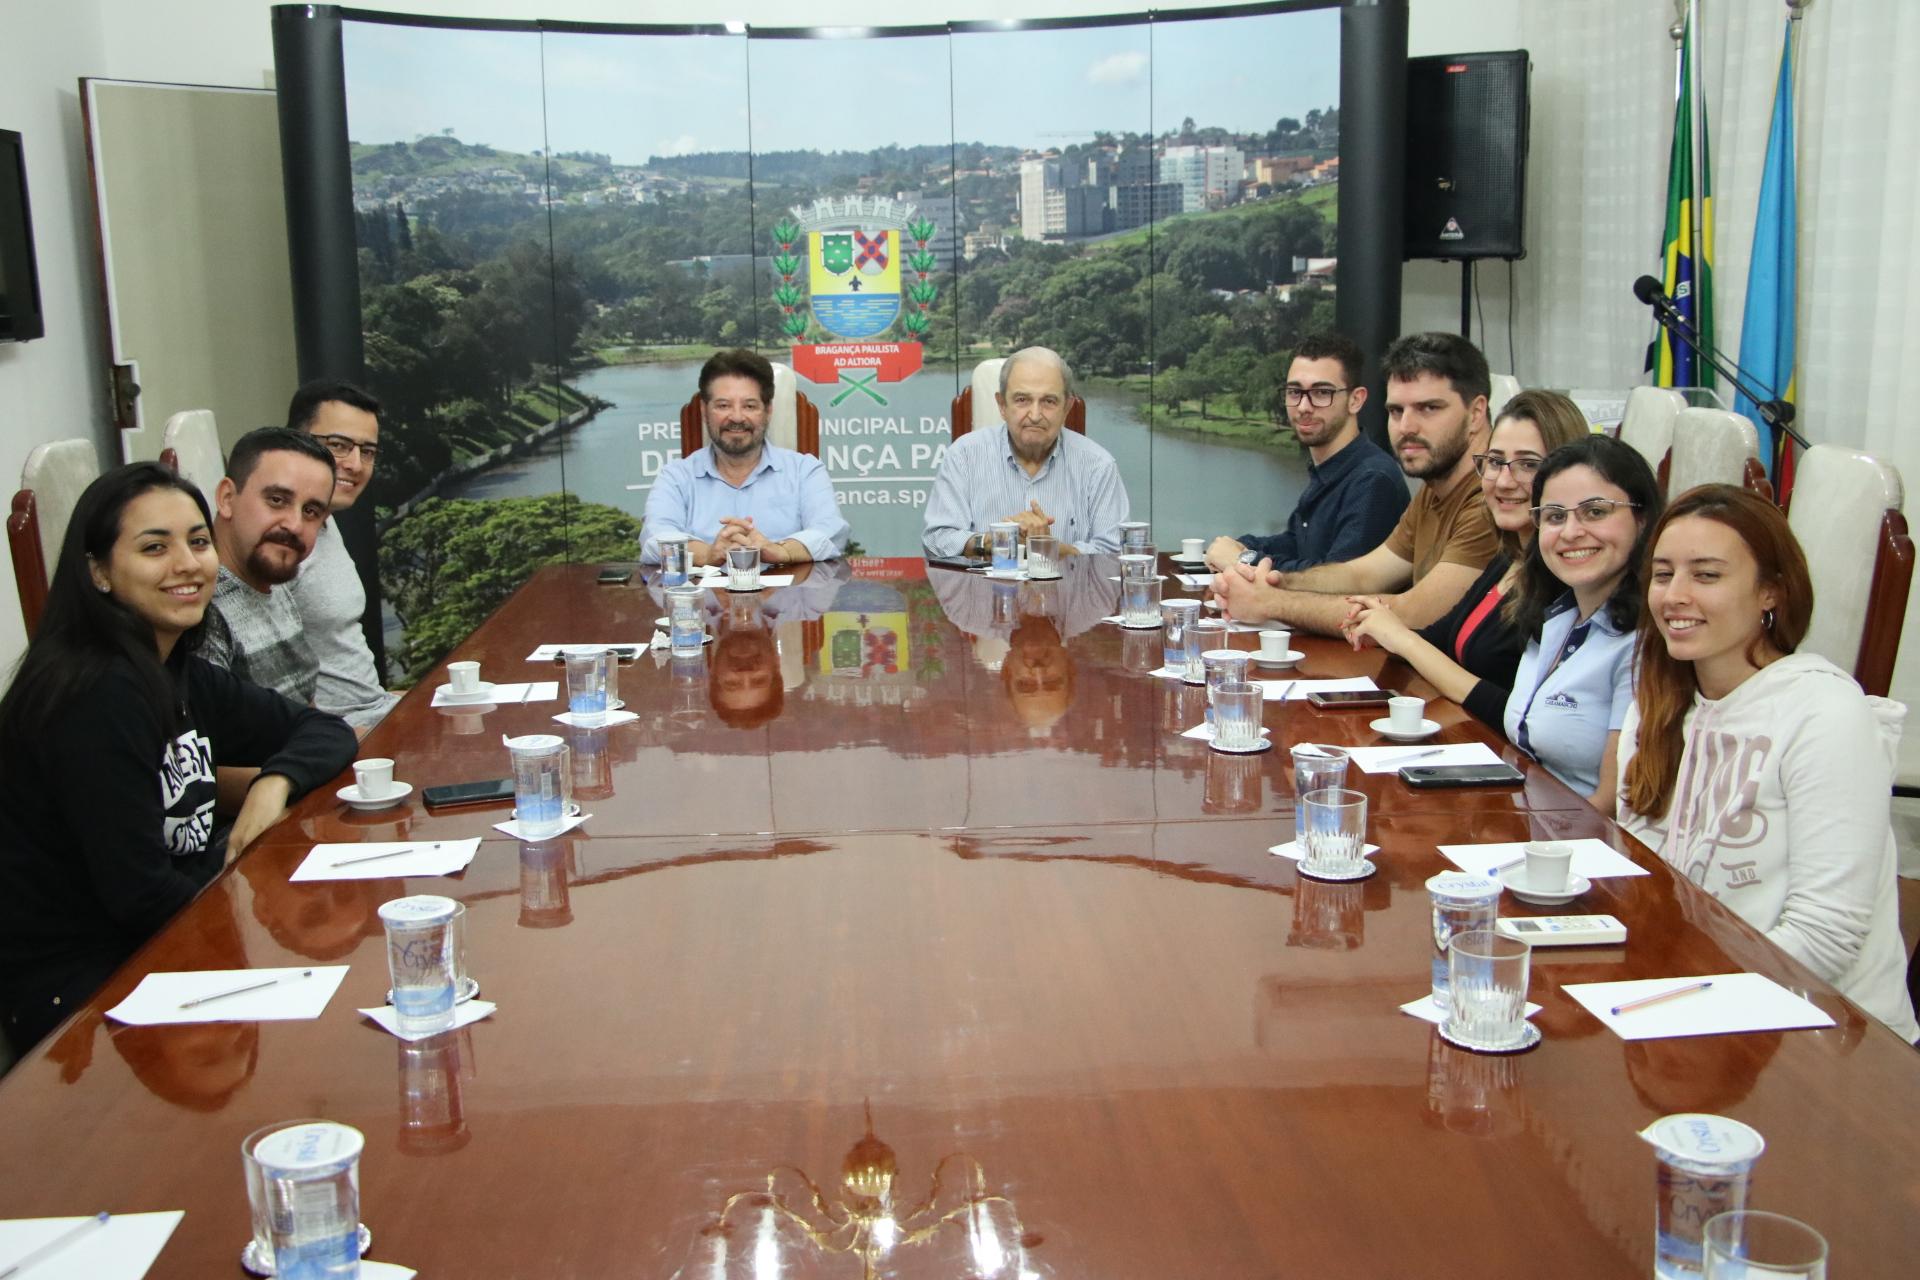 12.11.2019 Reunião com alunos da FATEC (3)